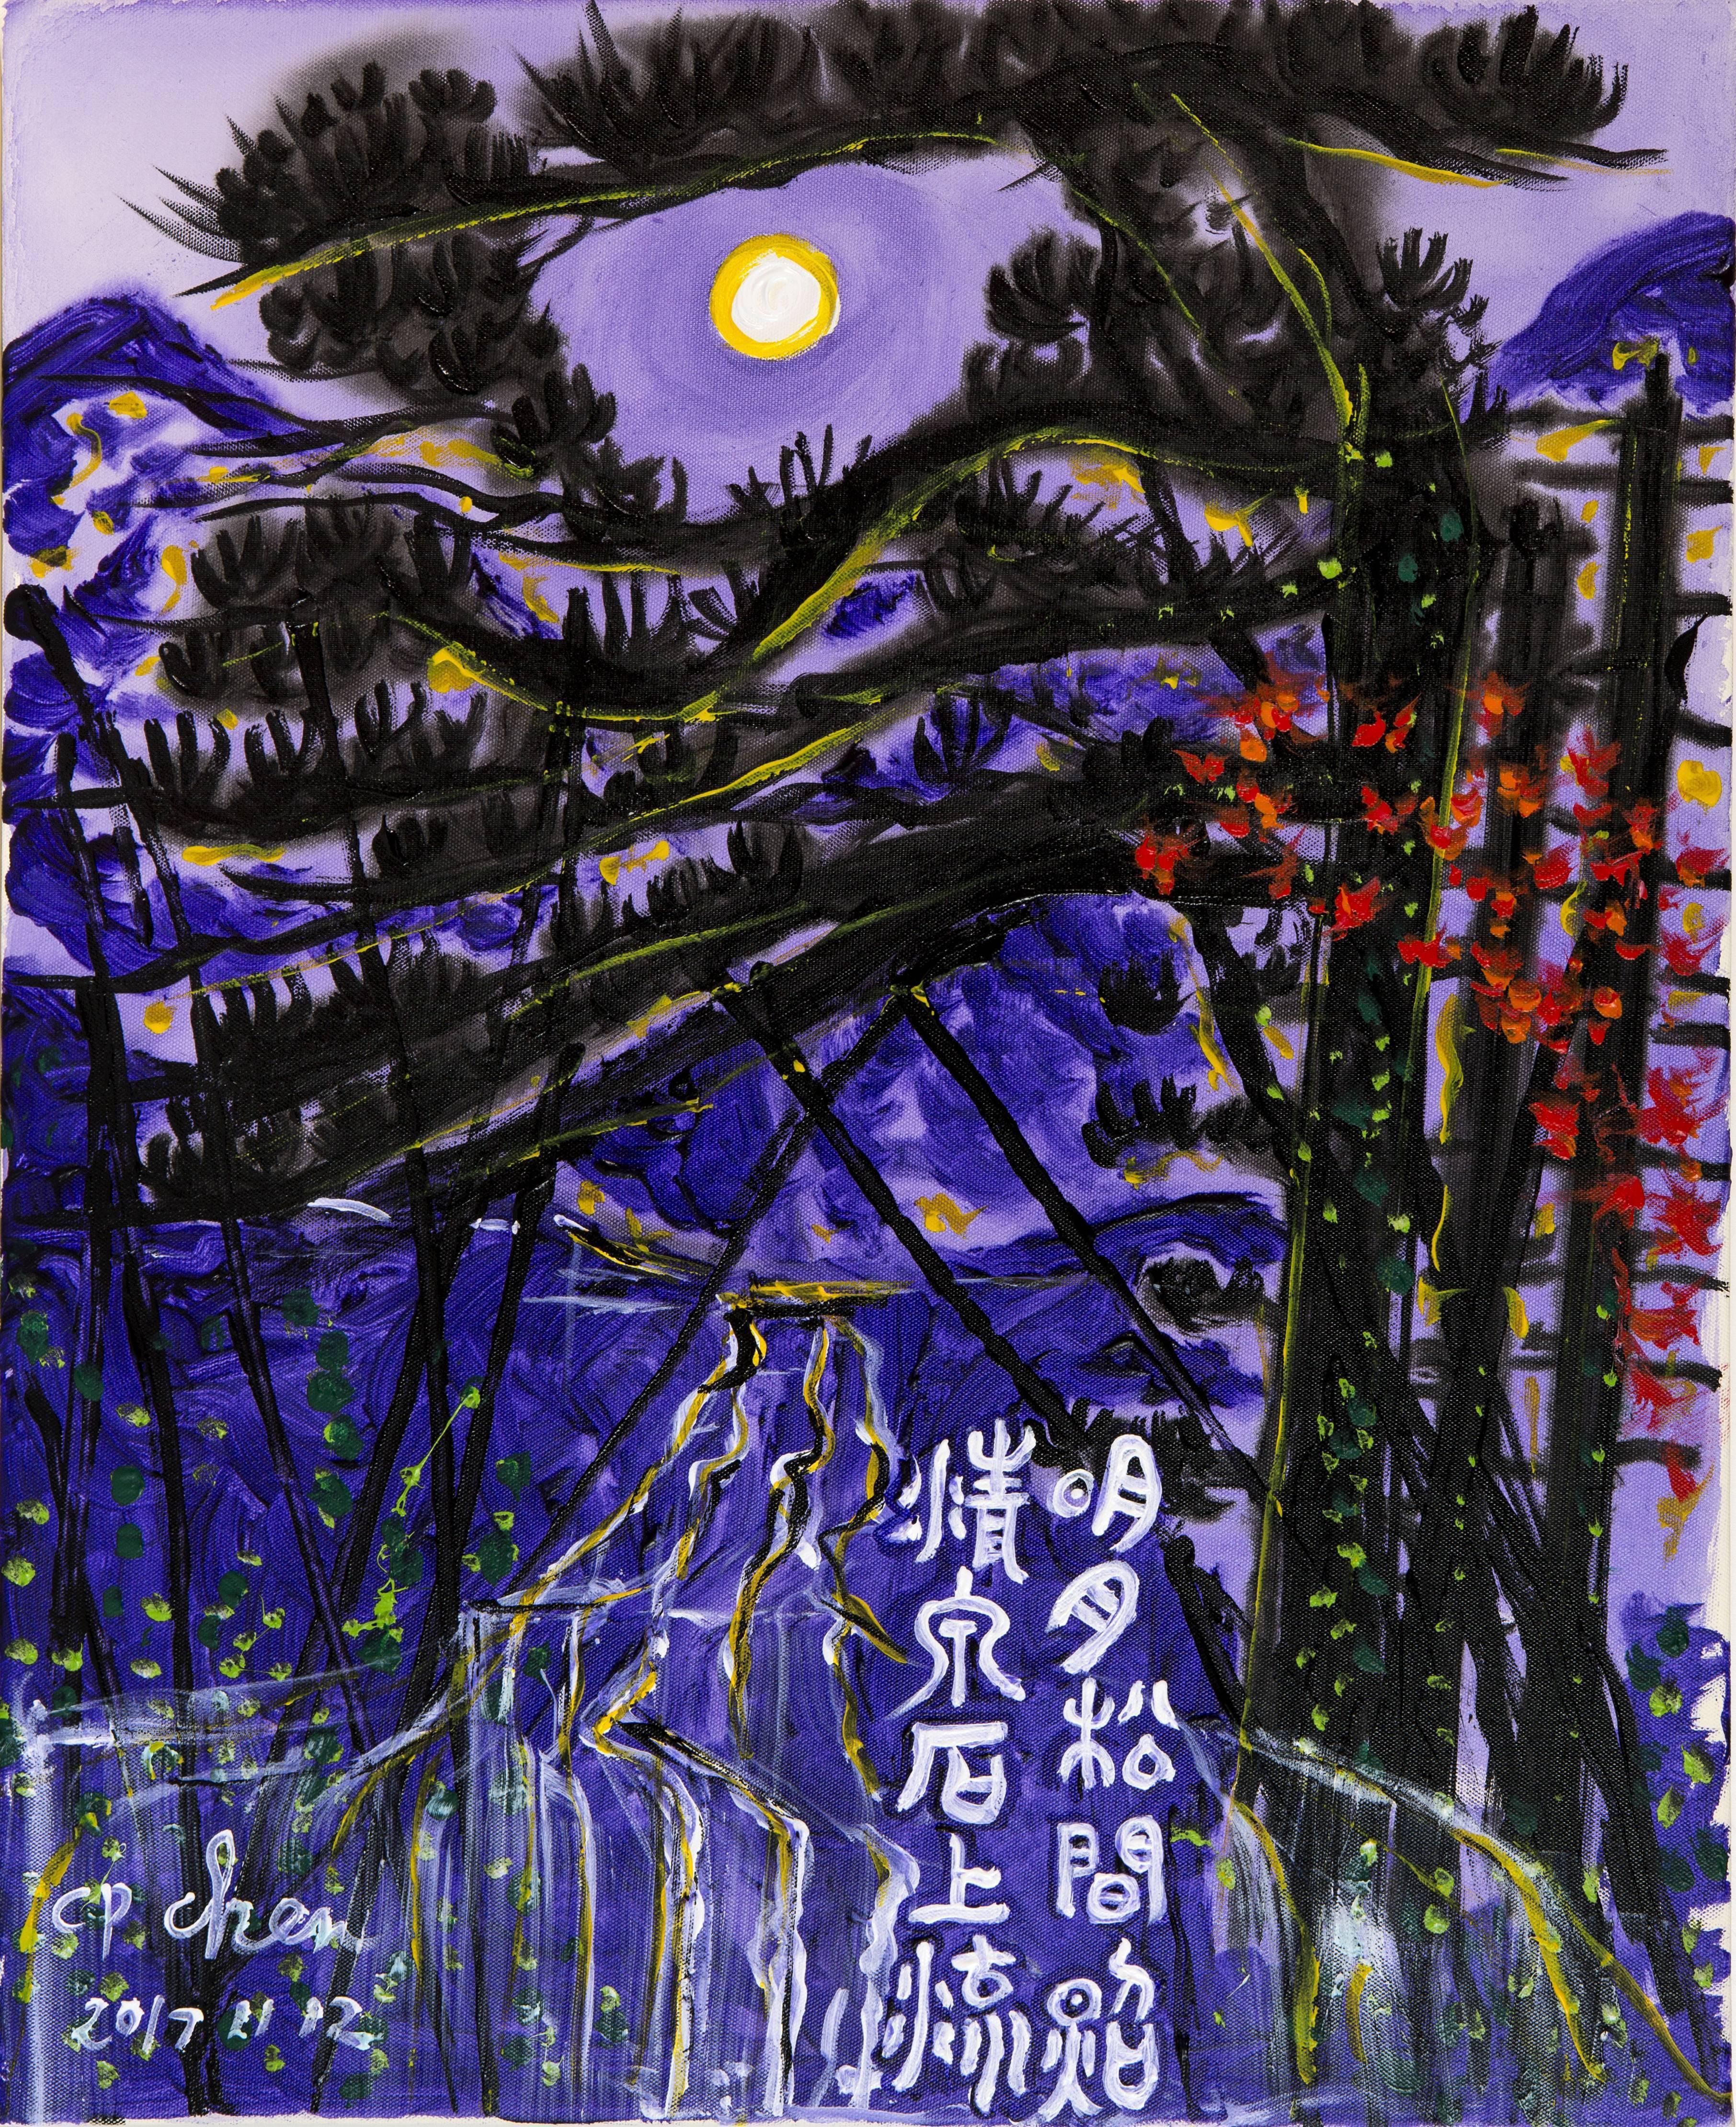 【明月松間照,清泉石上流。(唐.王維)】60.6x50cm / 12F / 壓克力顏料 /2017年